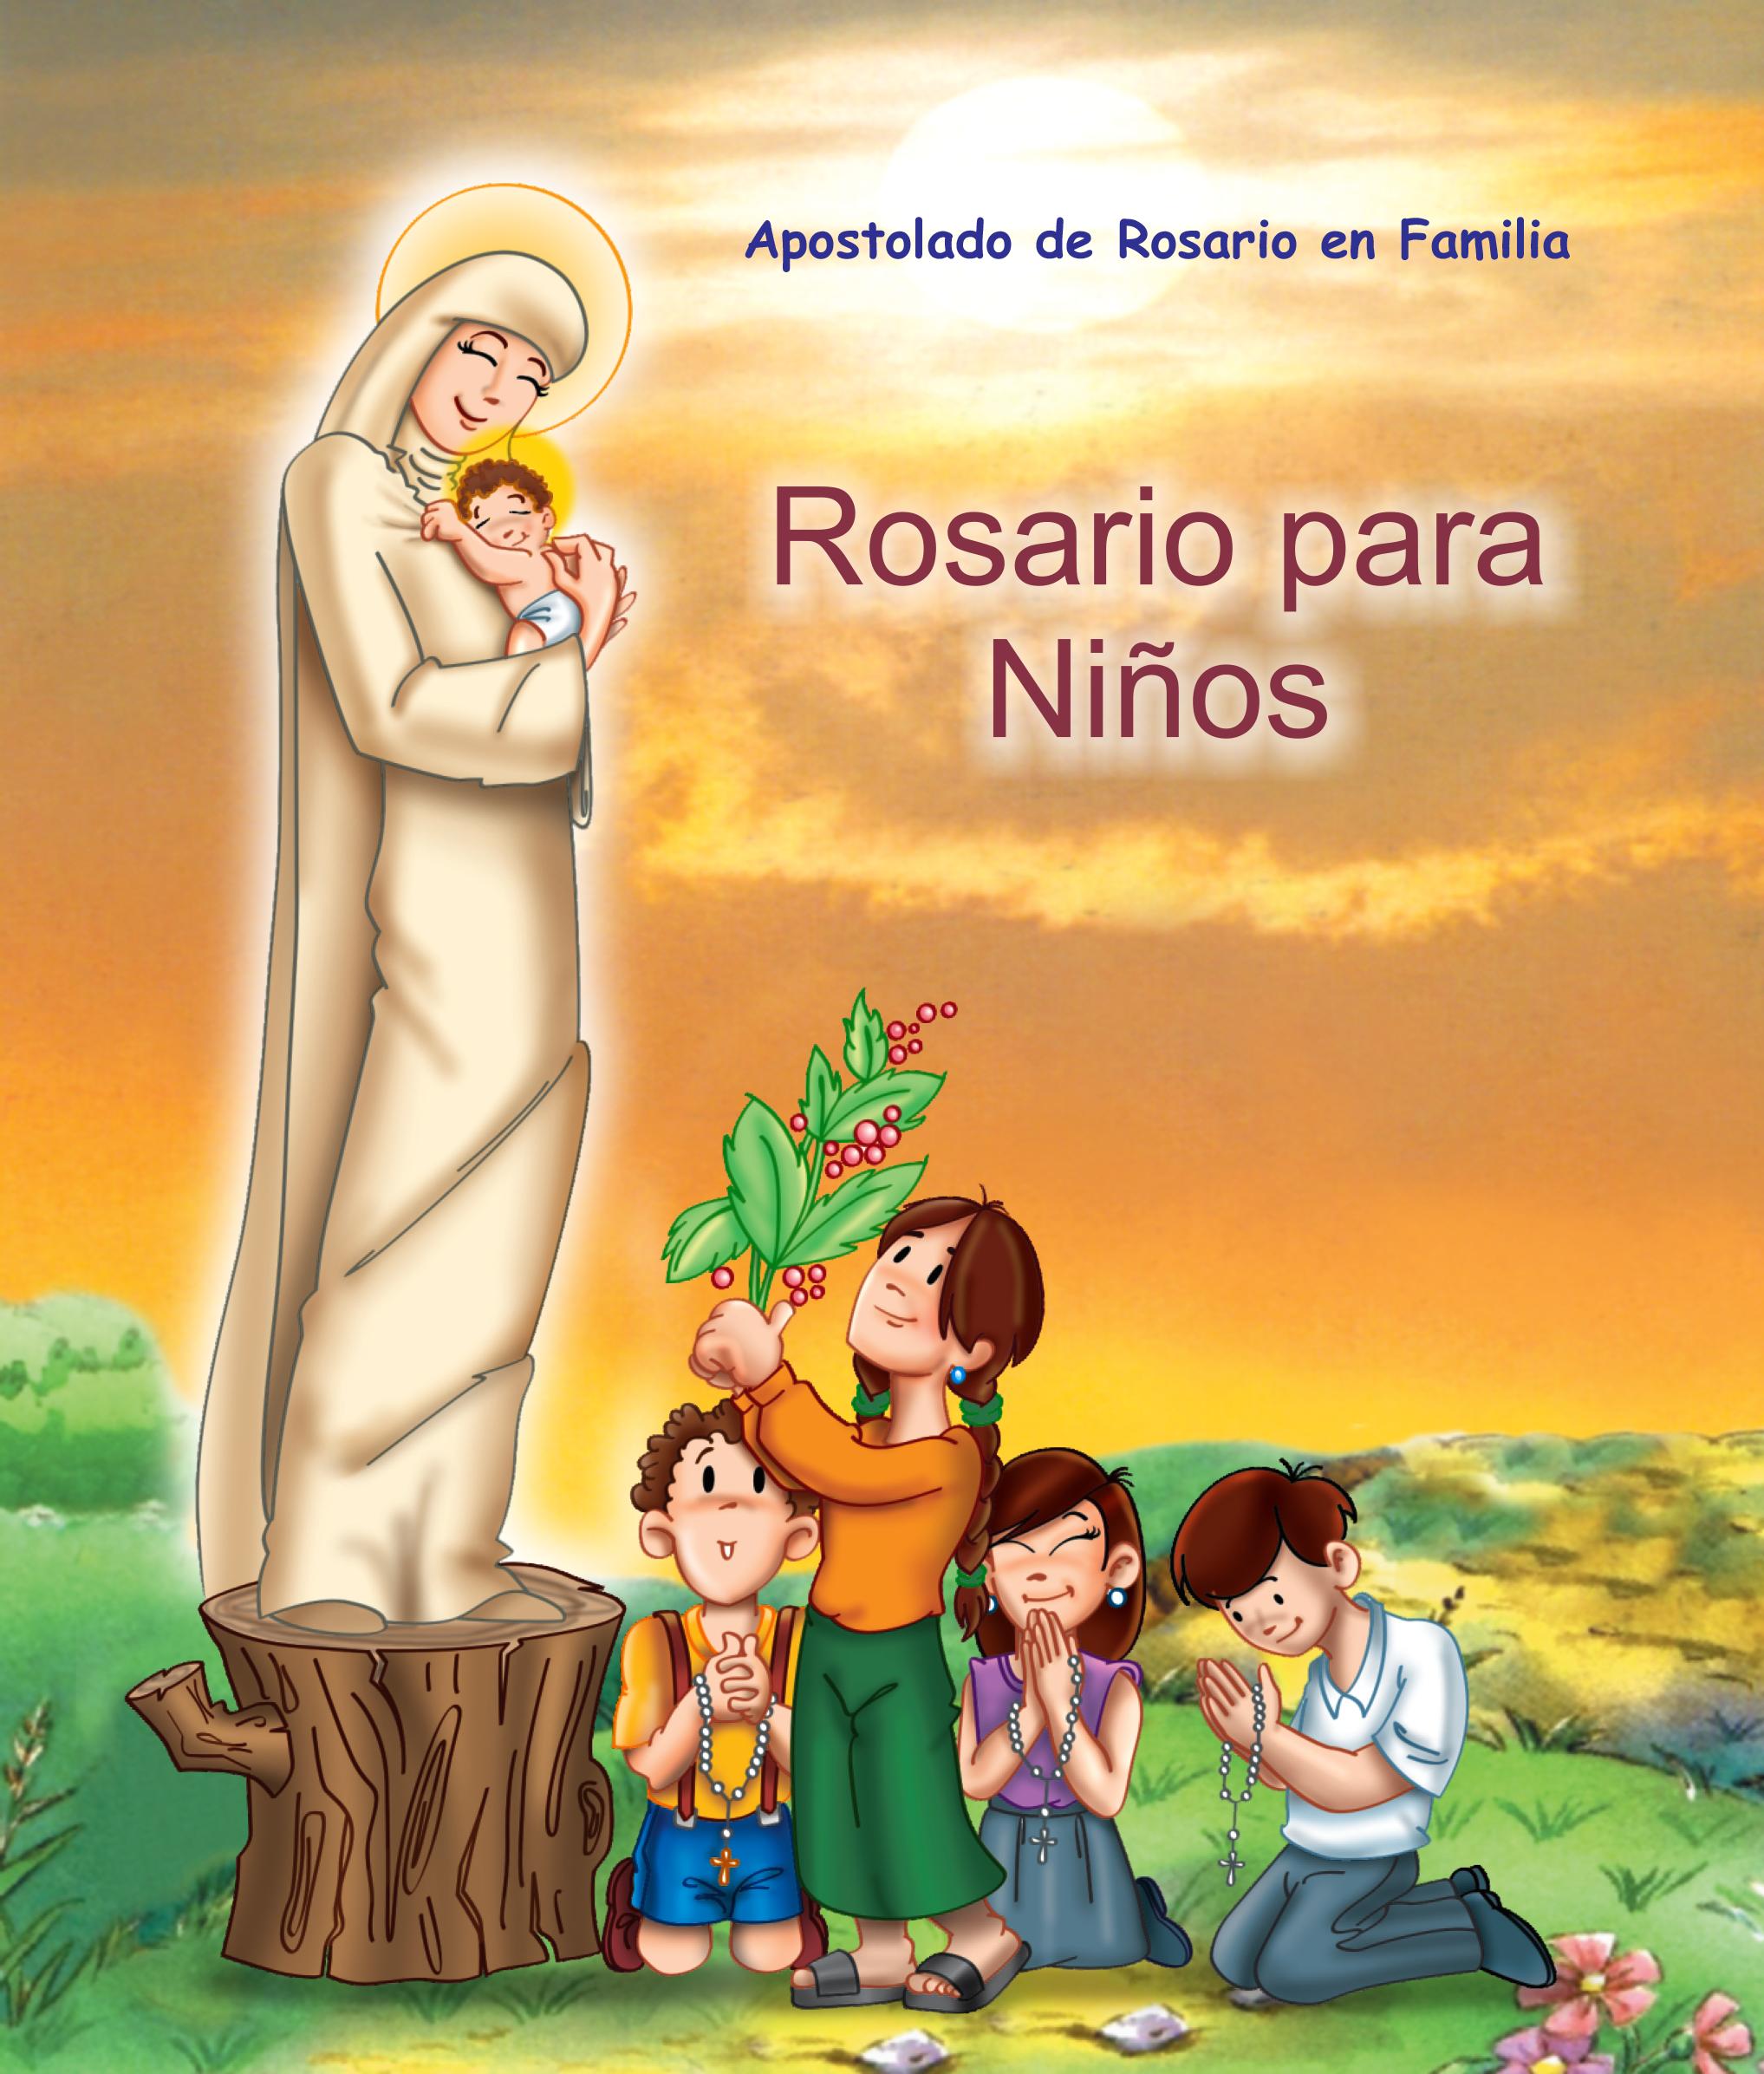 Rosario para Niños - copy Image